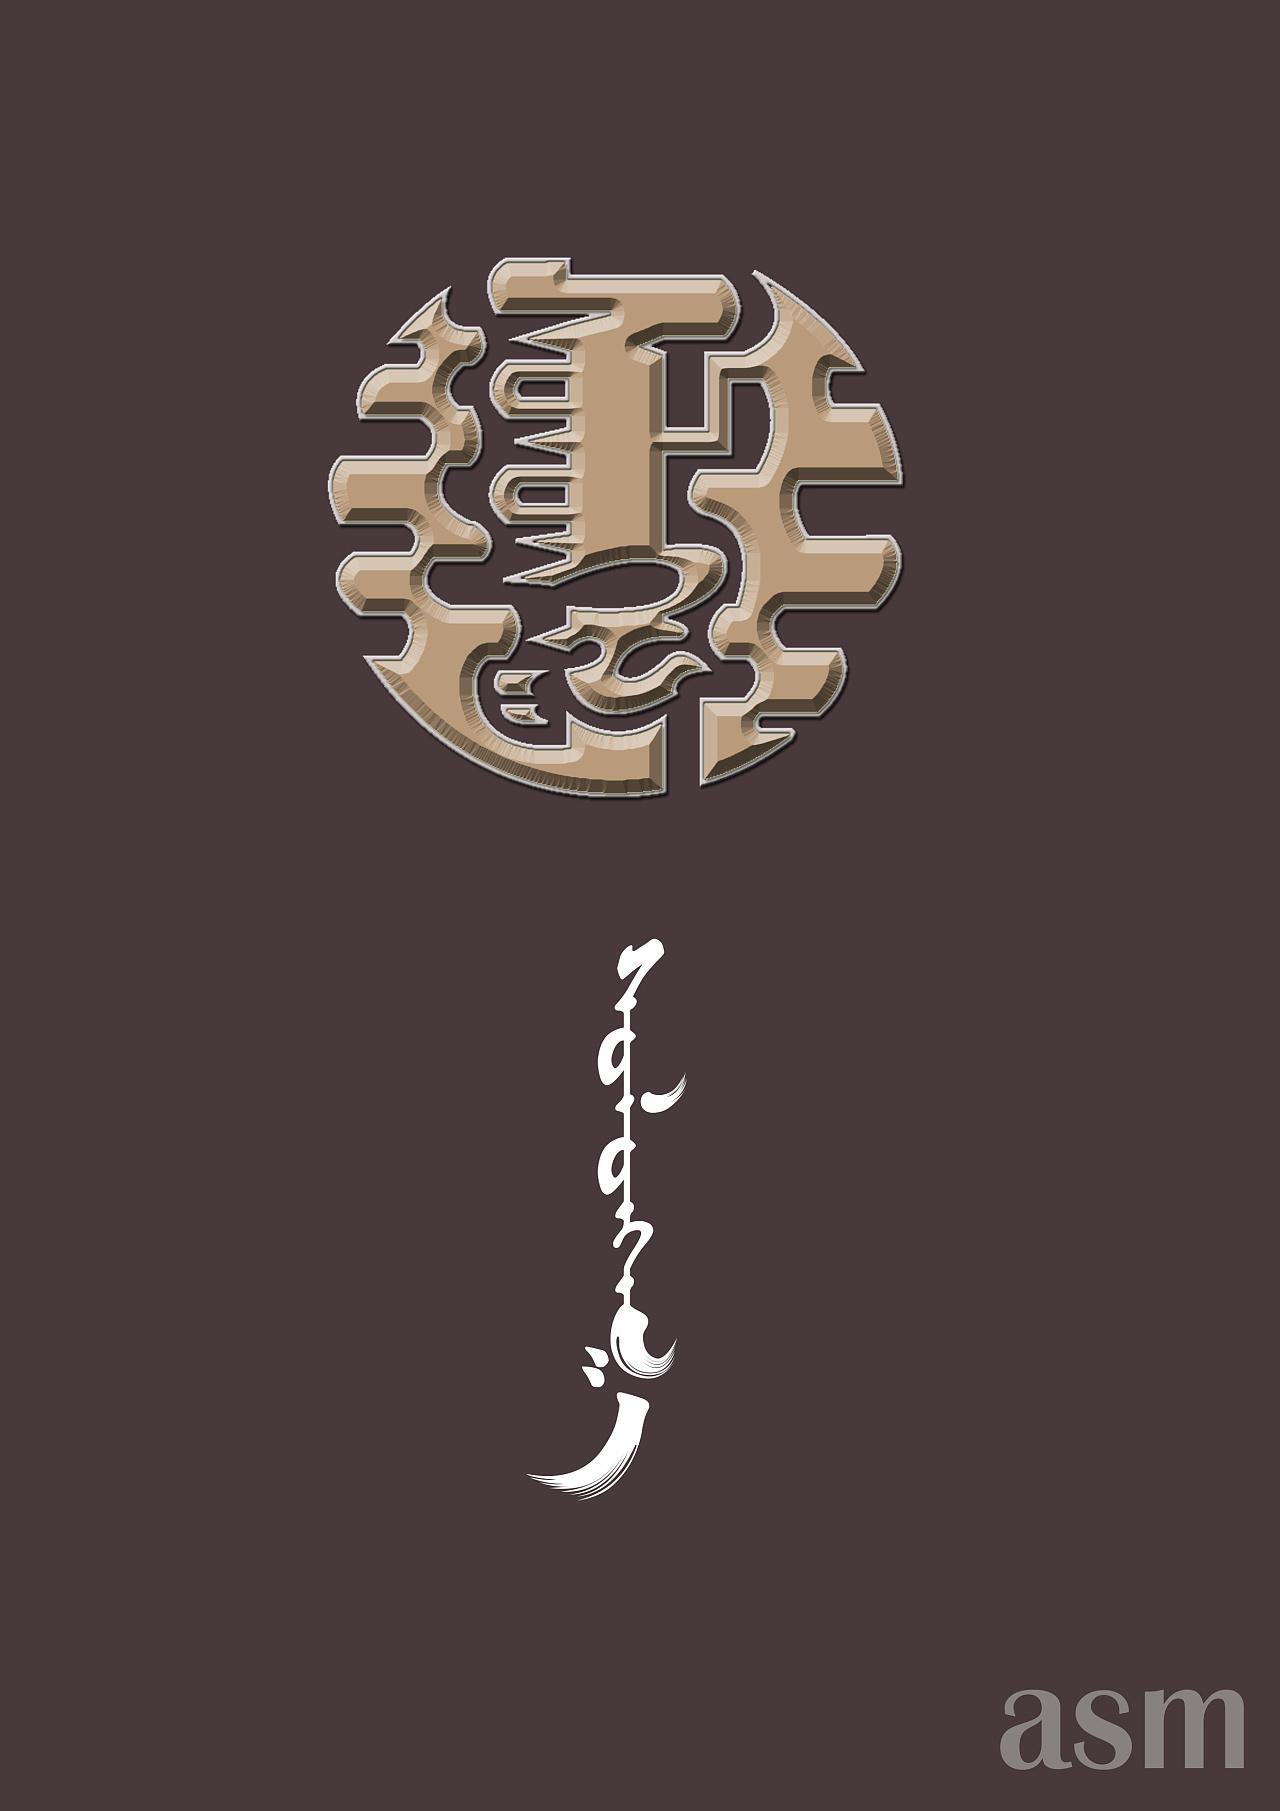 蒙古艺术文字2 -阿斯玛设计 第2张 蒙古艺术文字2 -阿斯玛设计 蒙古设计